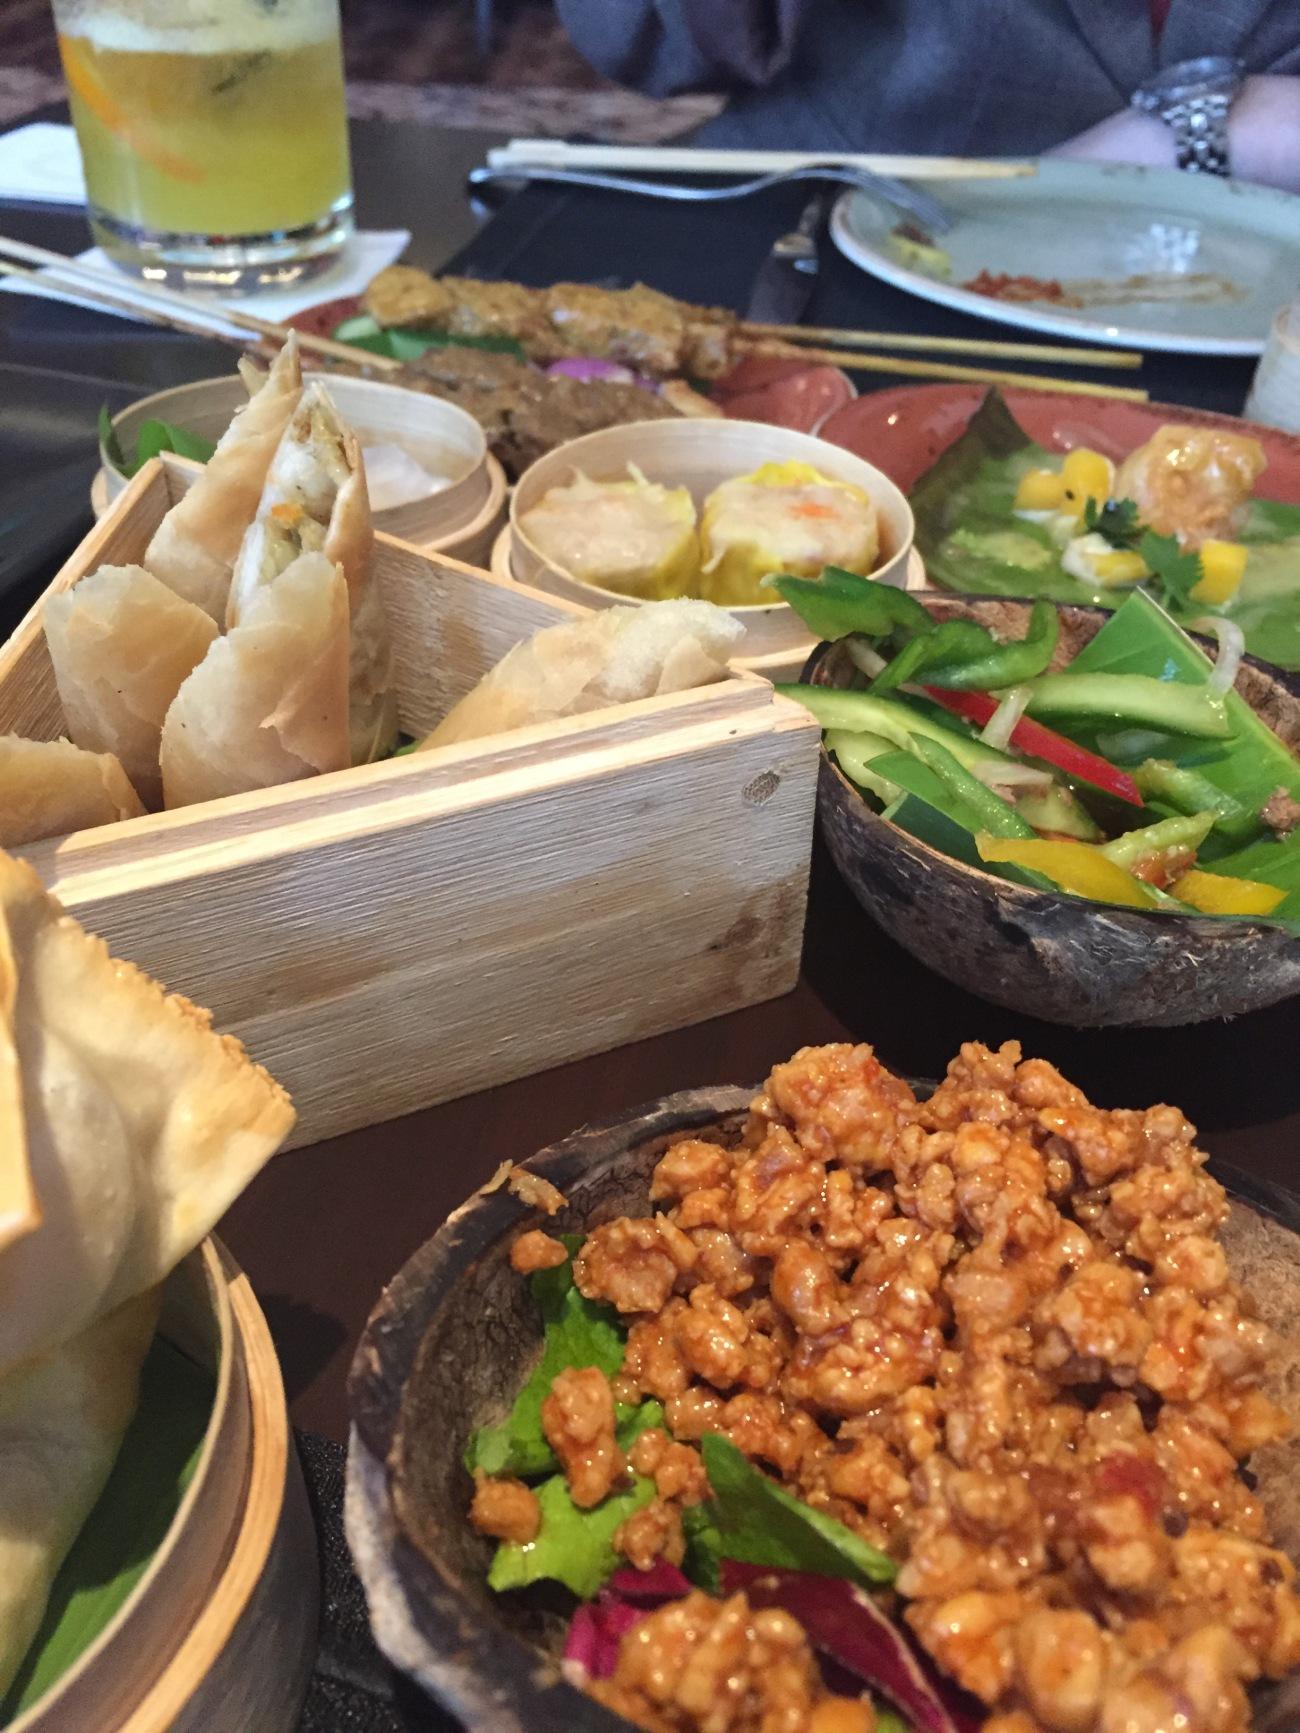 Hwang brunch food blogger